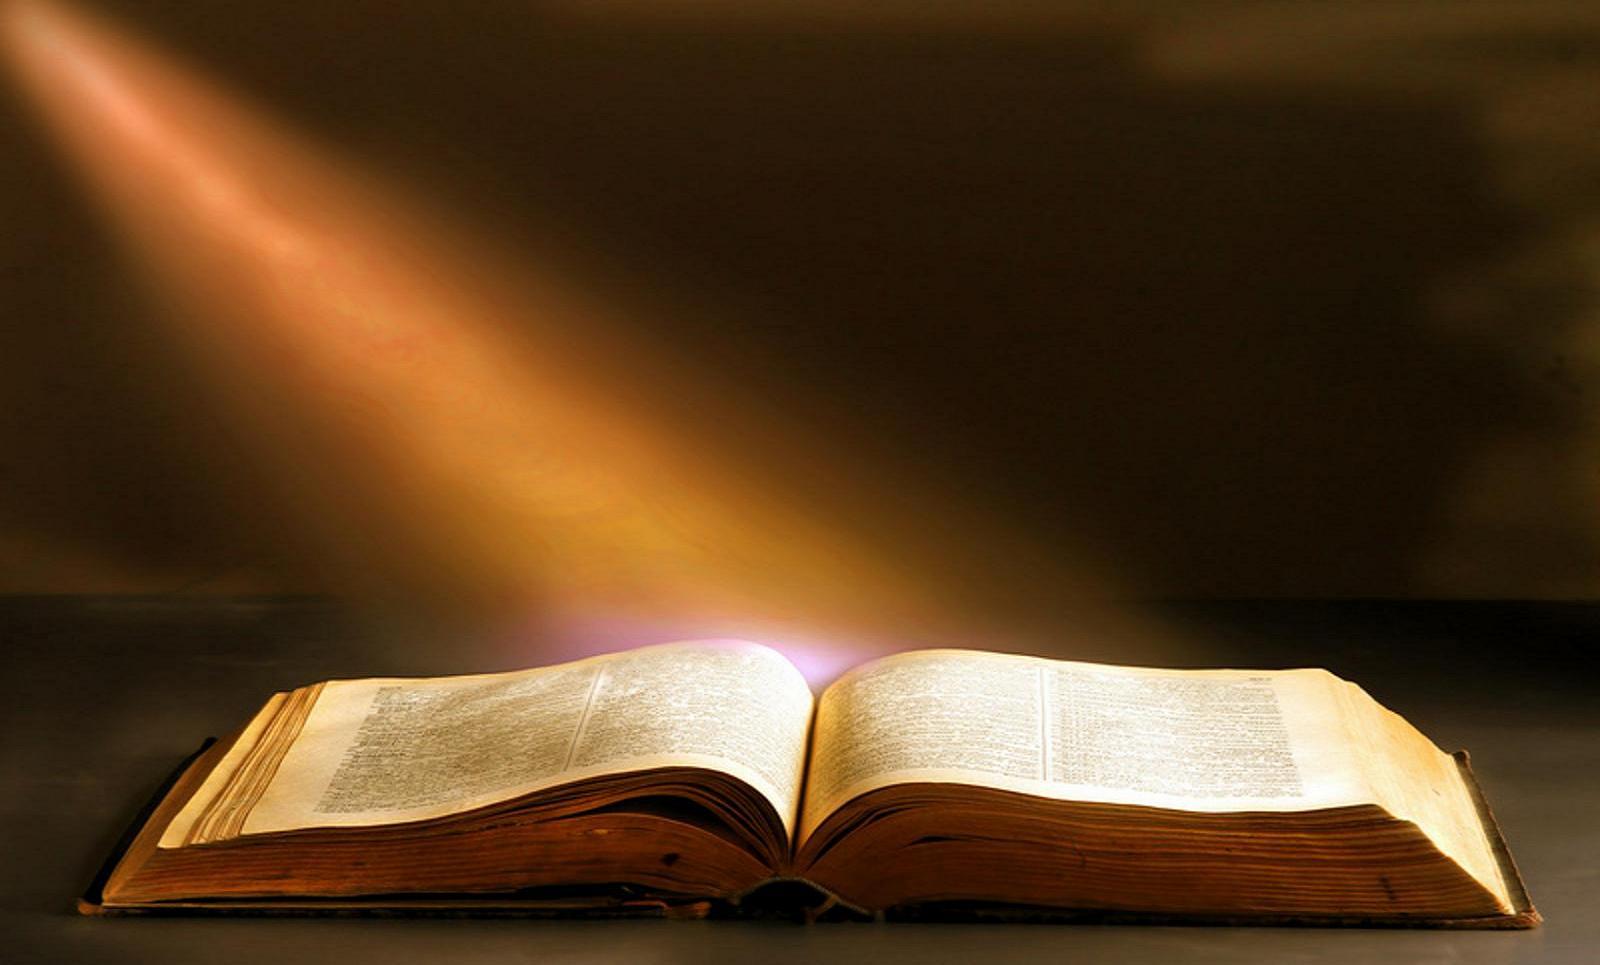 Výsledek obrázku pro Biblický citát na dnešní den